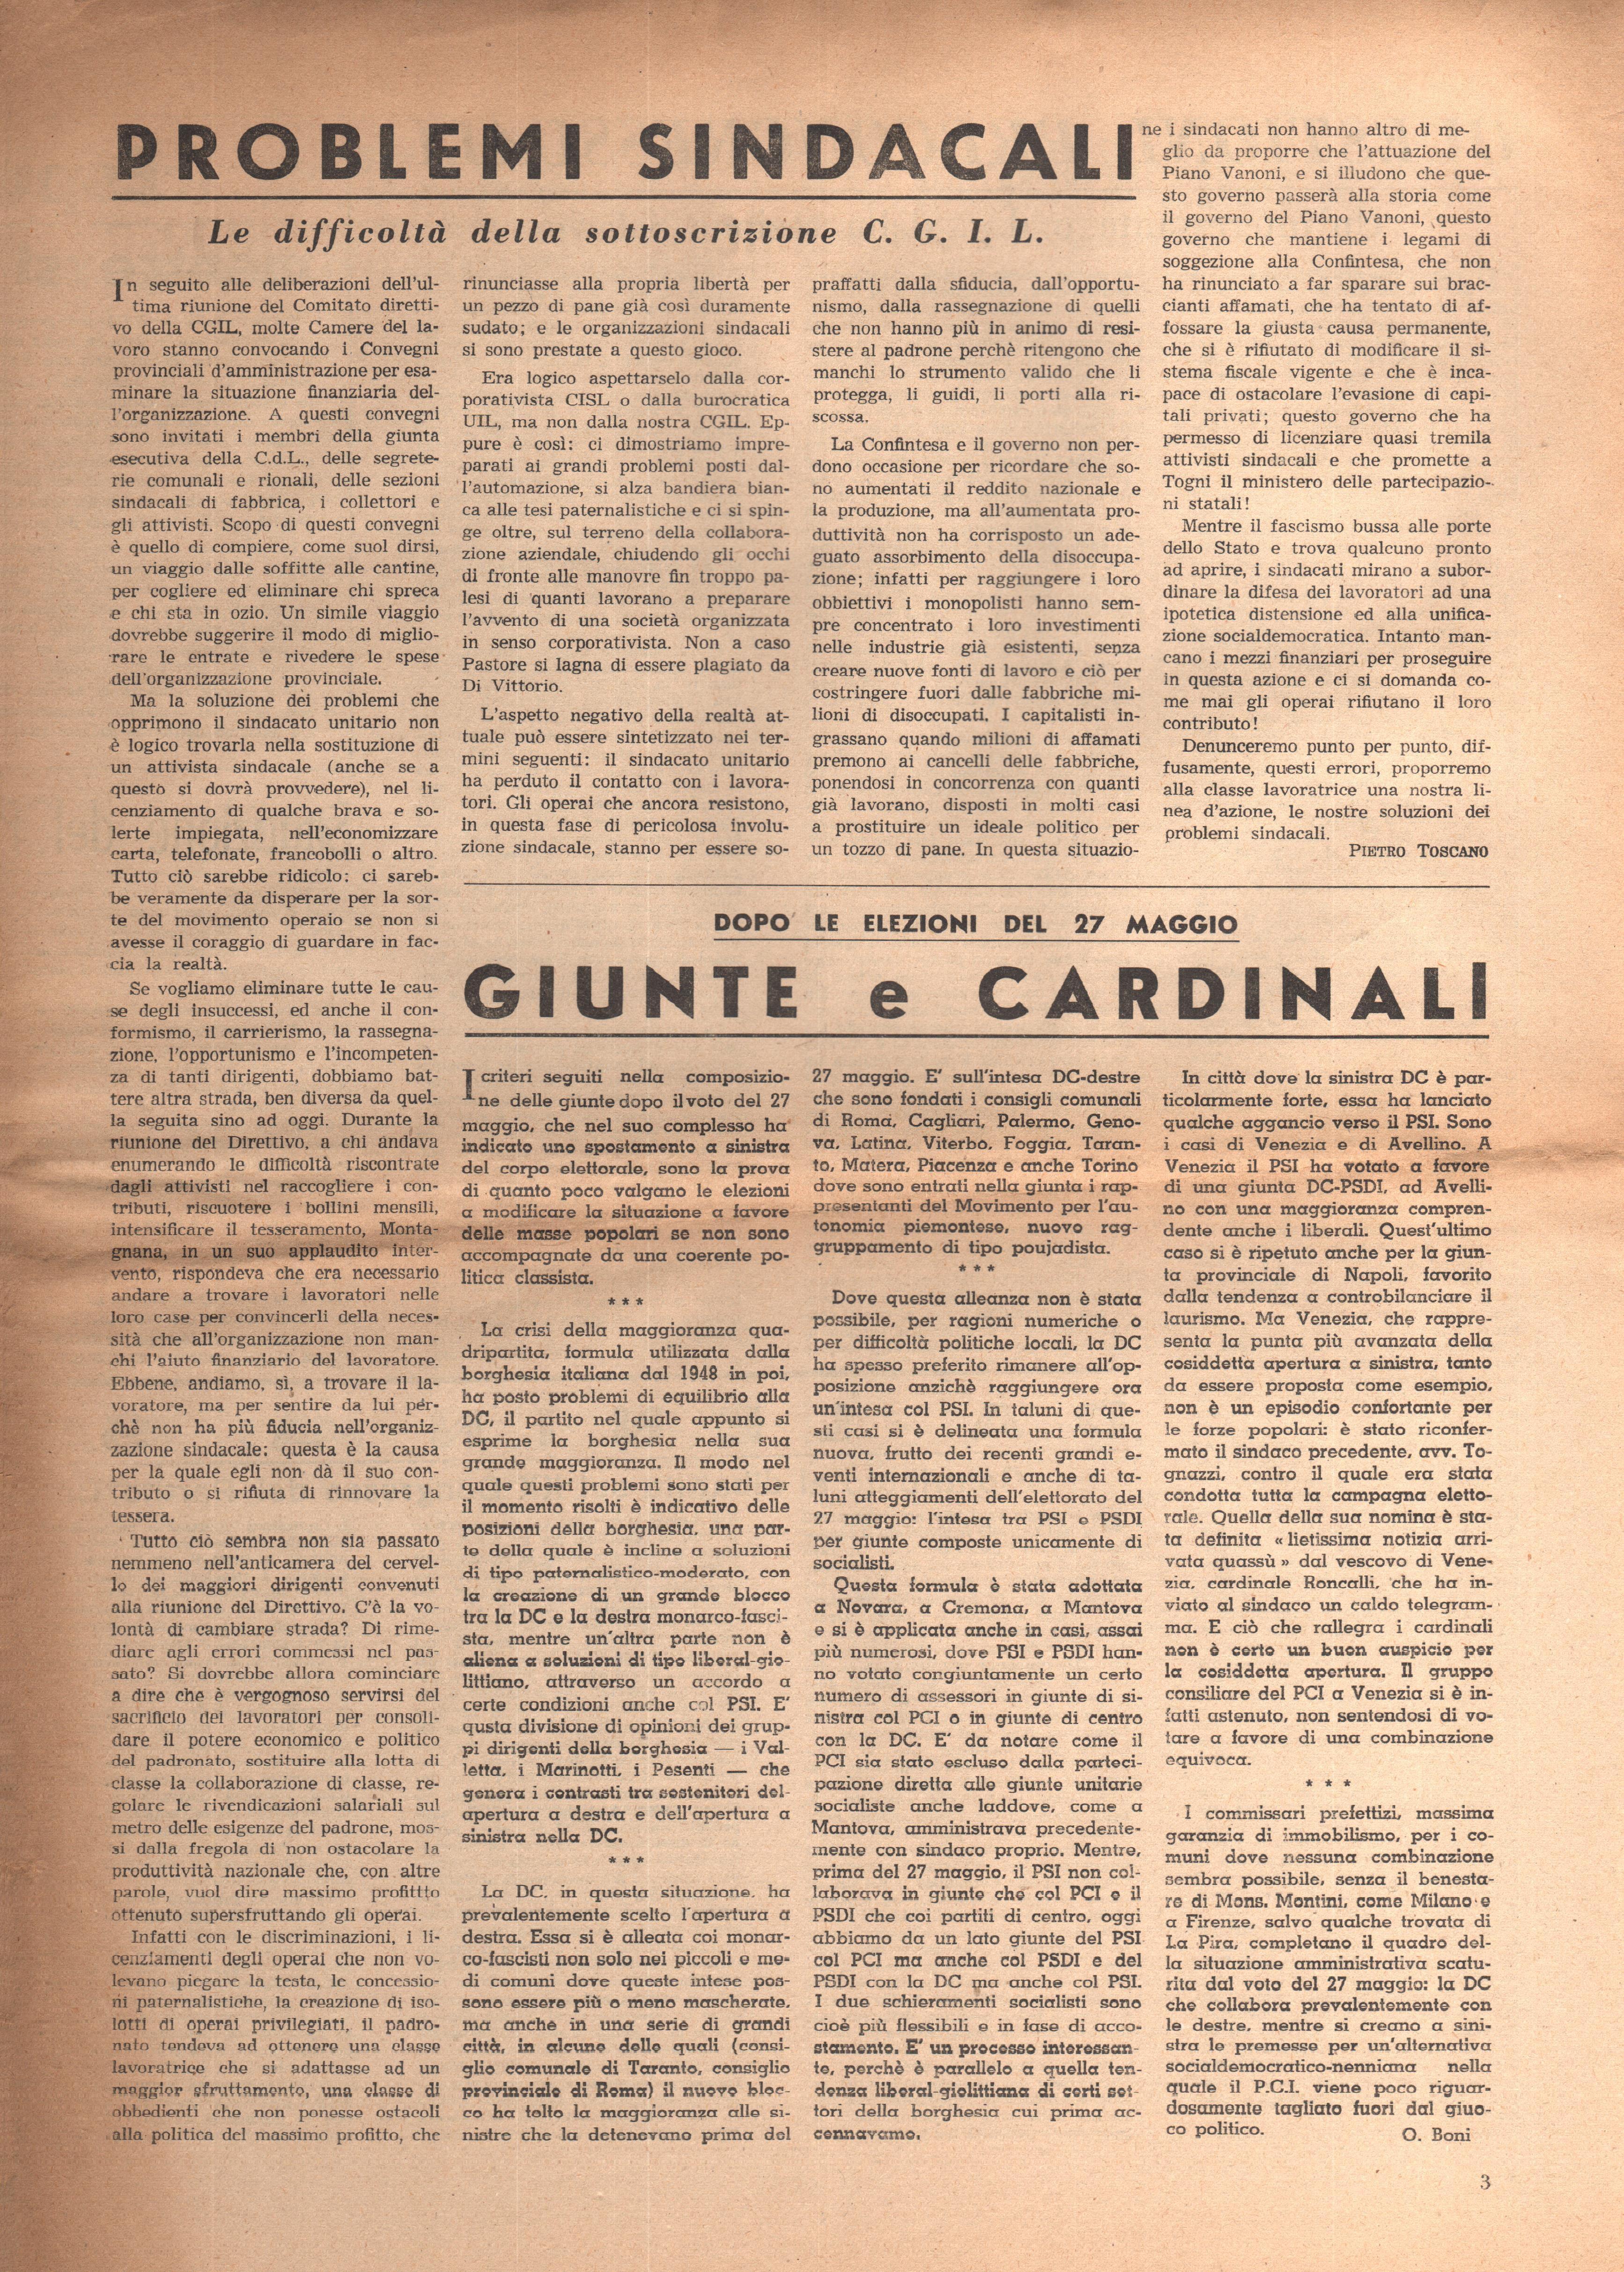 L'Azione Comunista n. 3 - pag. 3